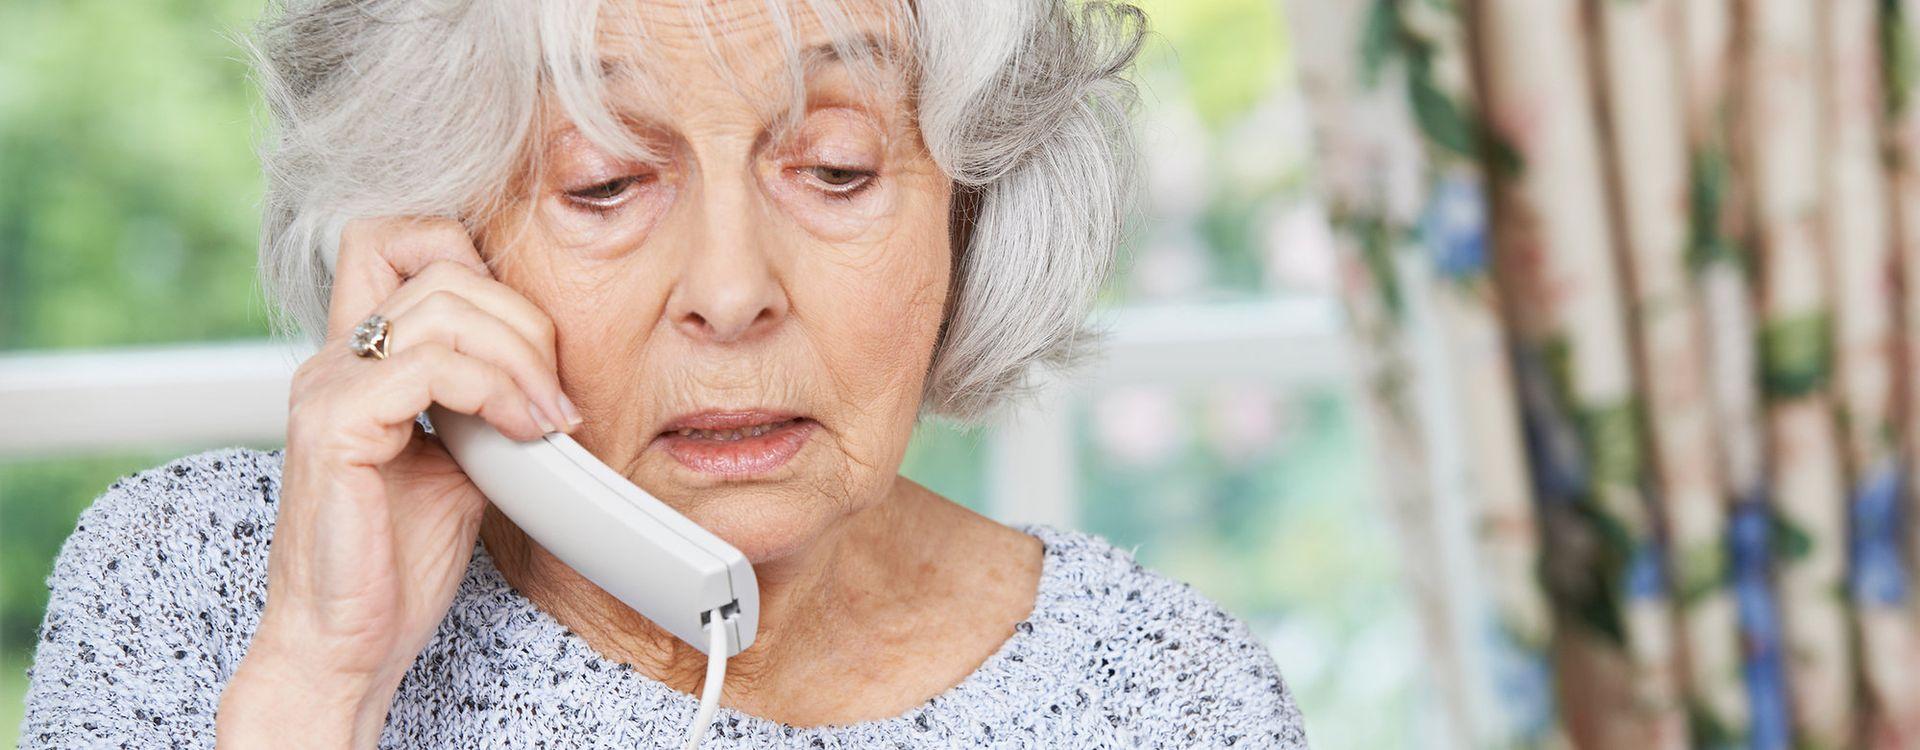 Oszuści mają nowy sposób na wyłudzenie pieniędzy od osób starszych